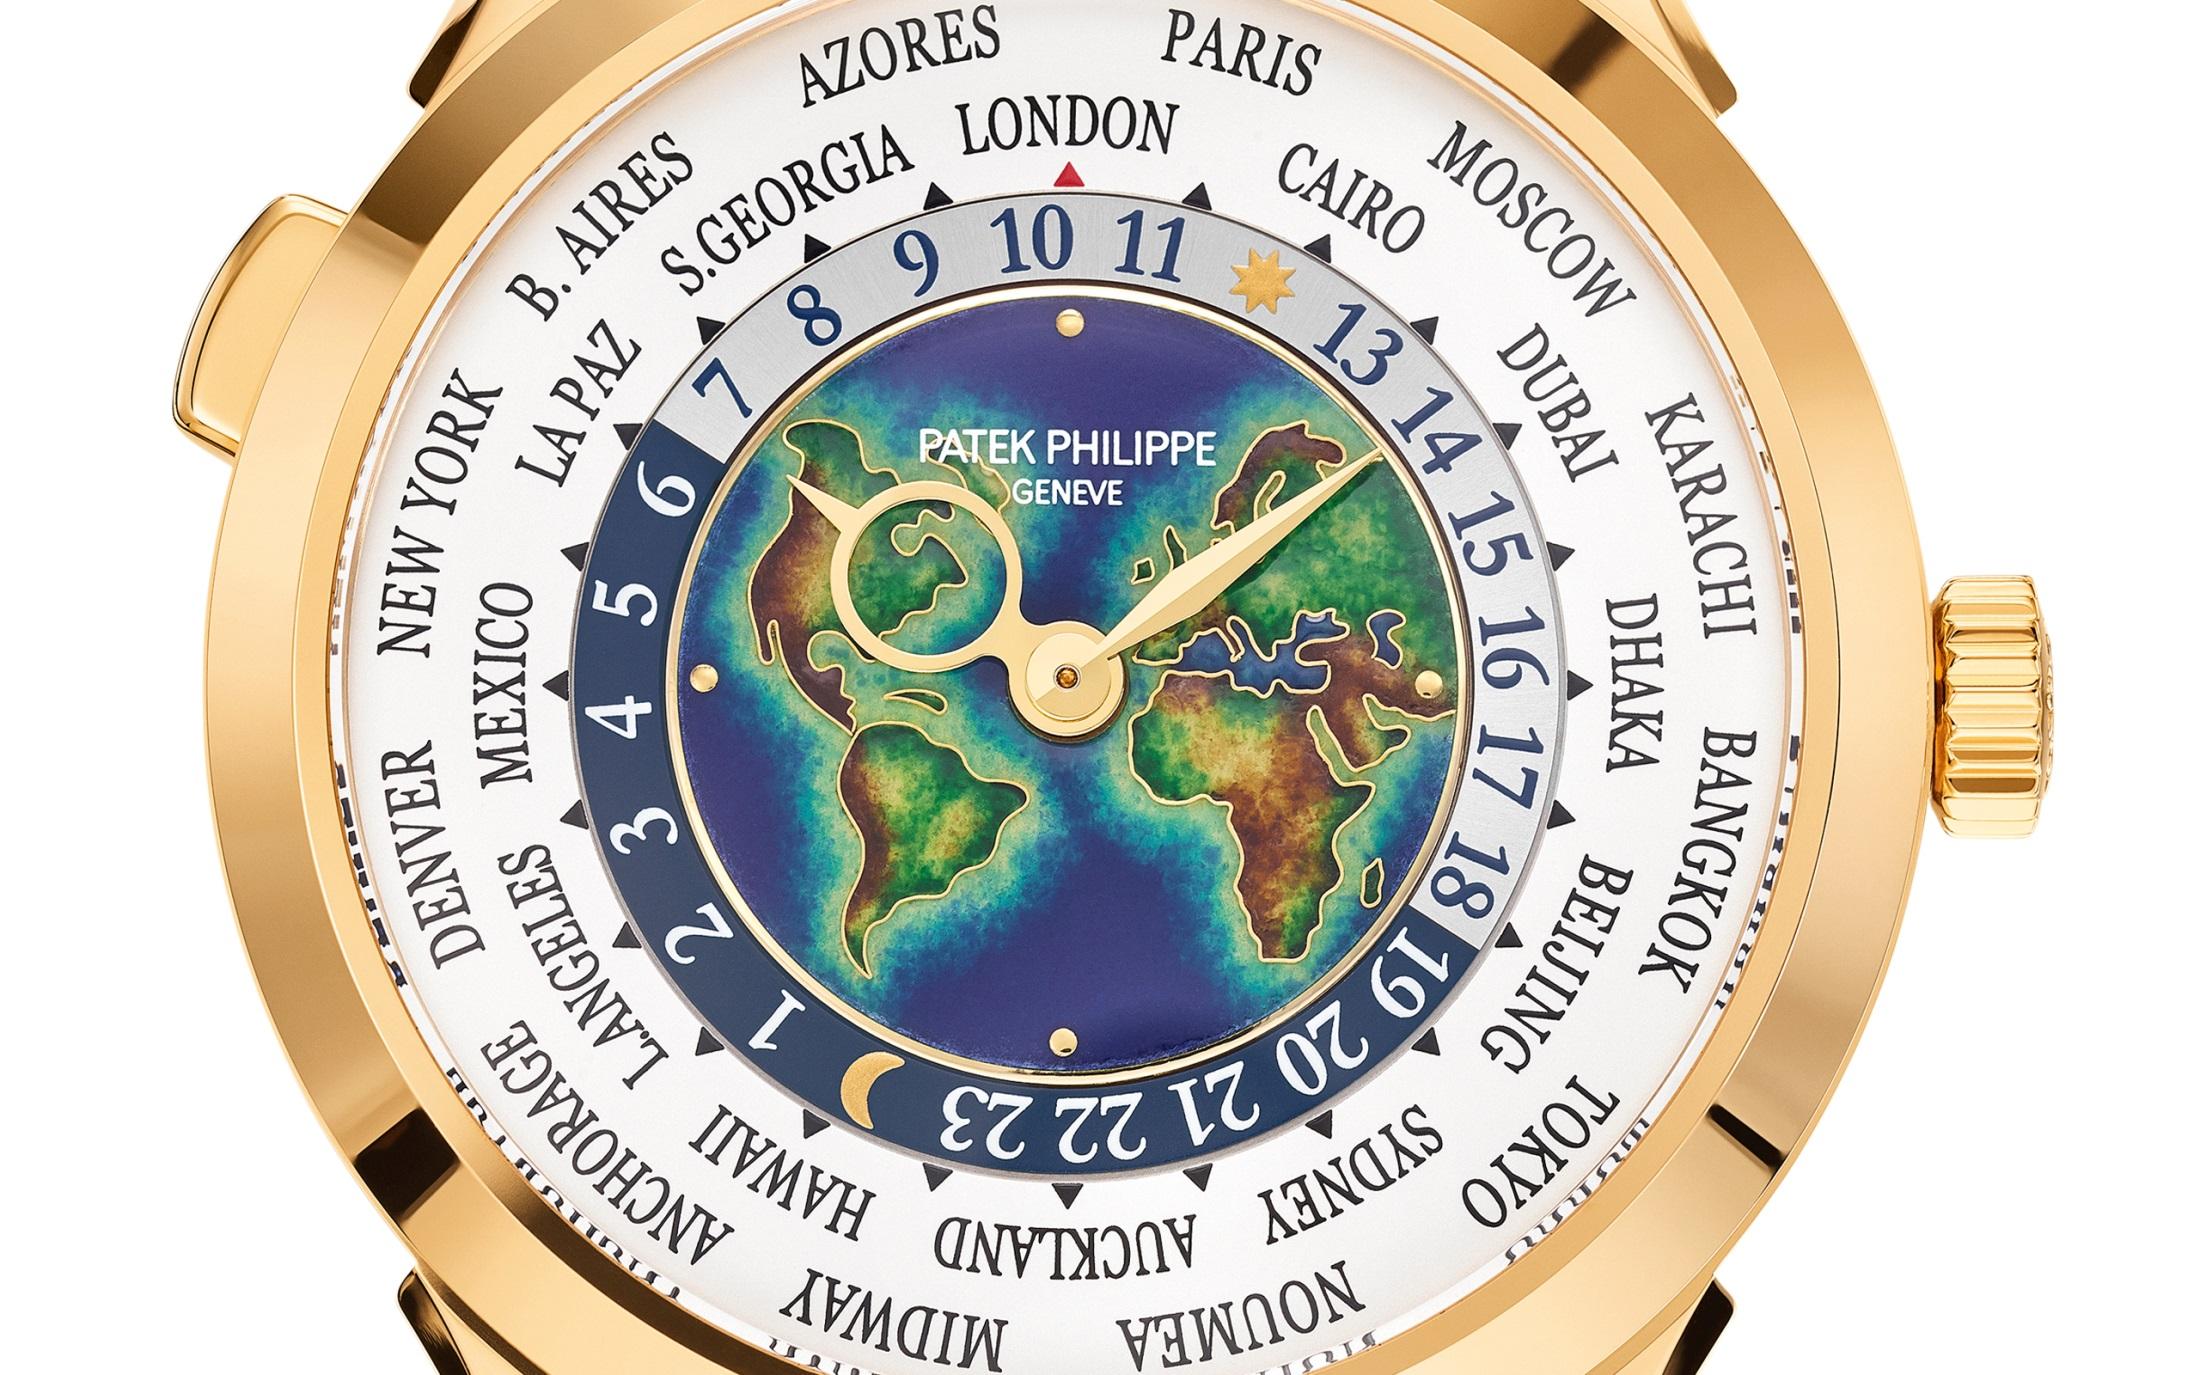 Giới thiệu đồng hồ Patek Philippe 5231J Cloisonné mặt số tráng men